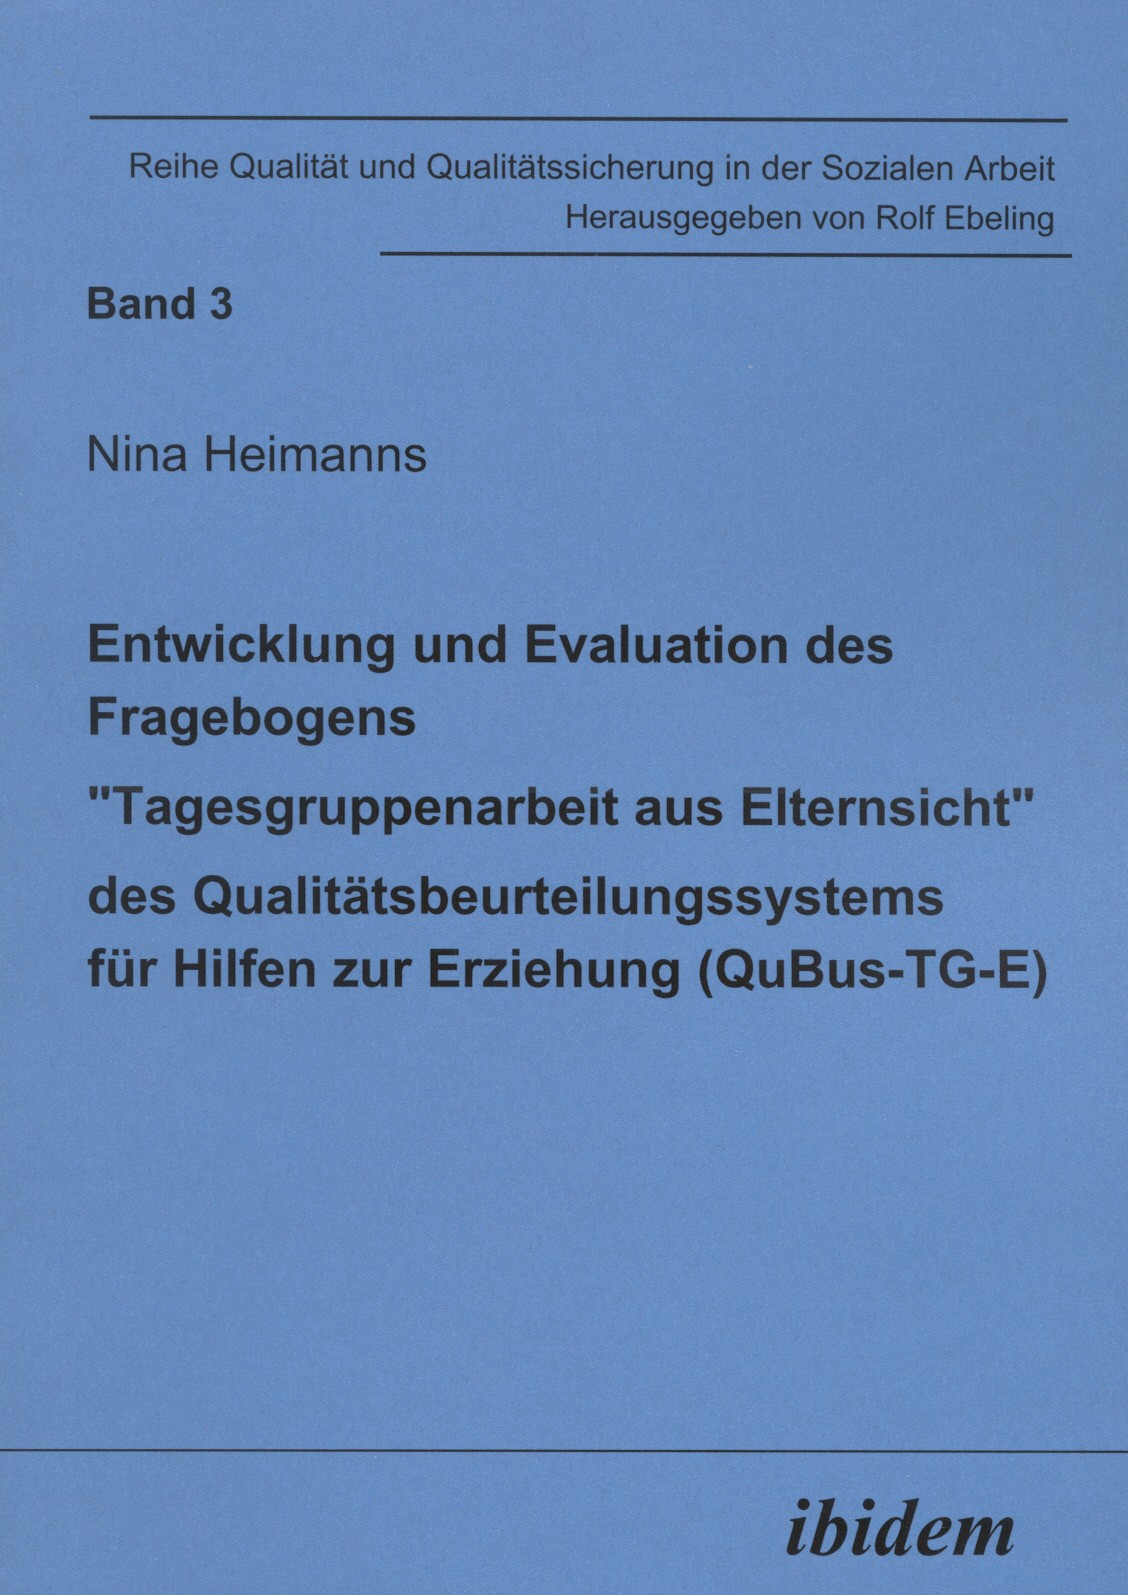 """Entwicklung und Evaluation des Fragebogens """"Tagesgruppenarbeit aus Elternsicht"""" des Qualitätsbeurteilungssystems für Hilfen zur Erziehung (QuBus-TG-E)"""